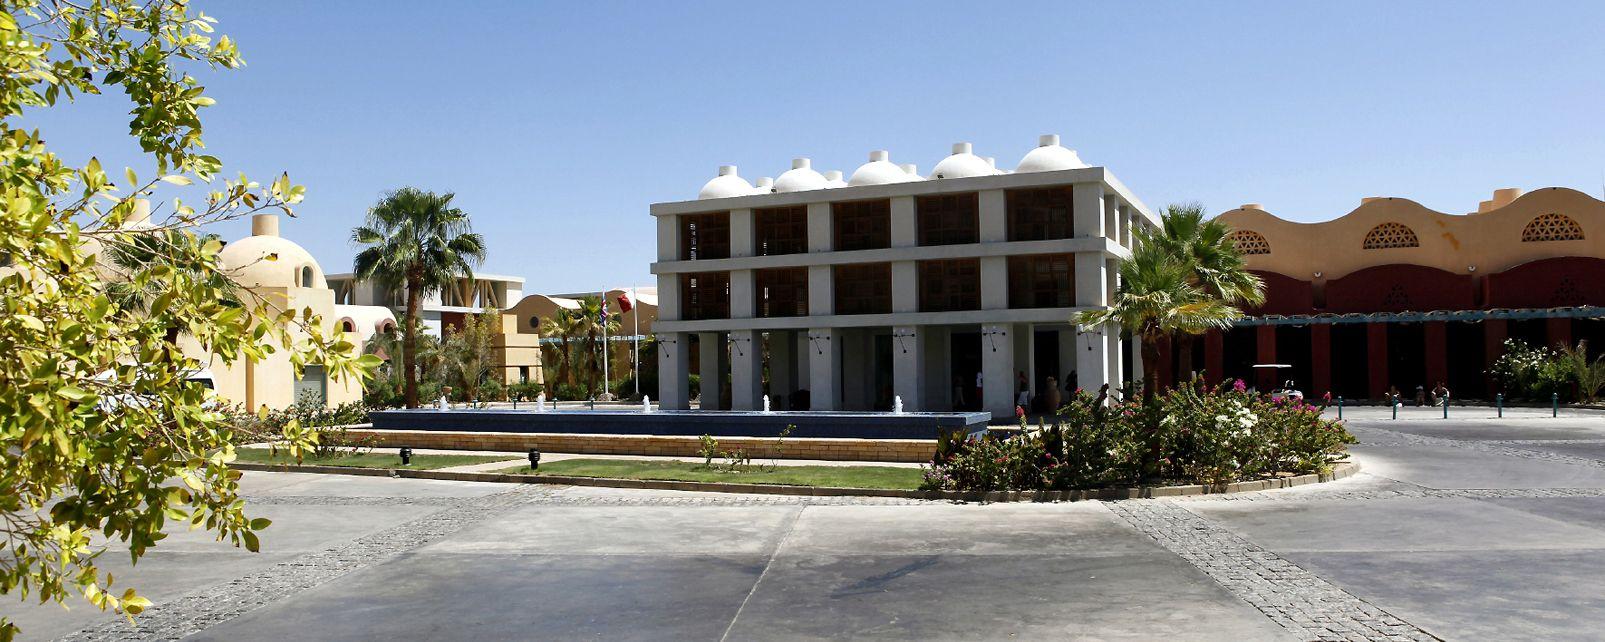 Hotel Hyatt Regency Taba Heights